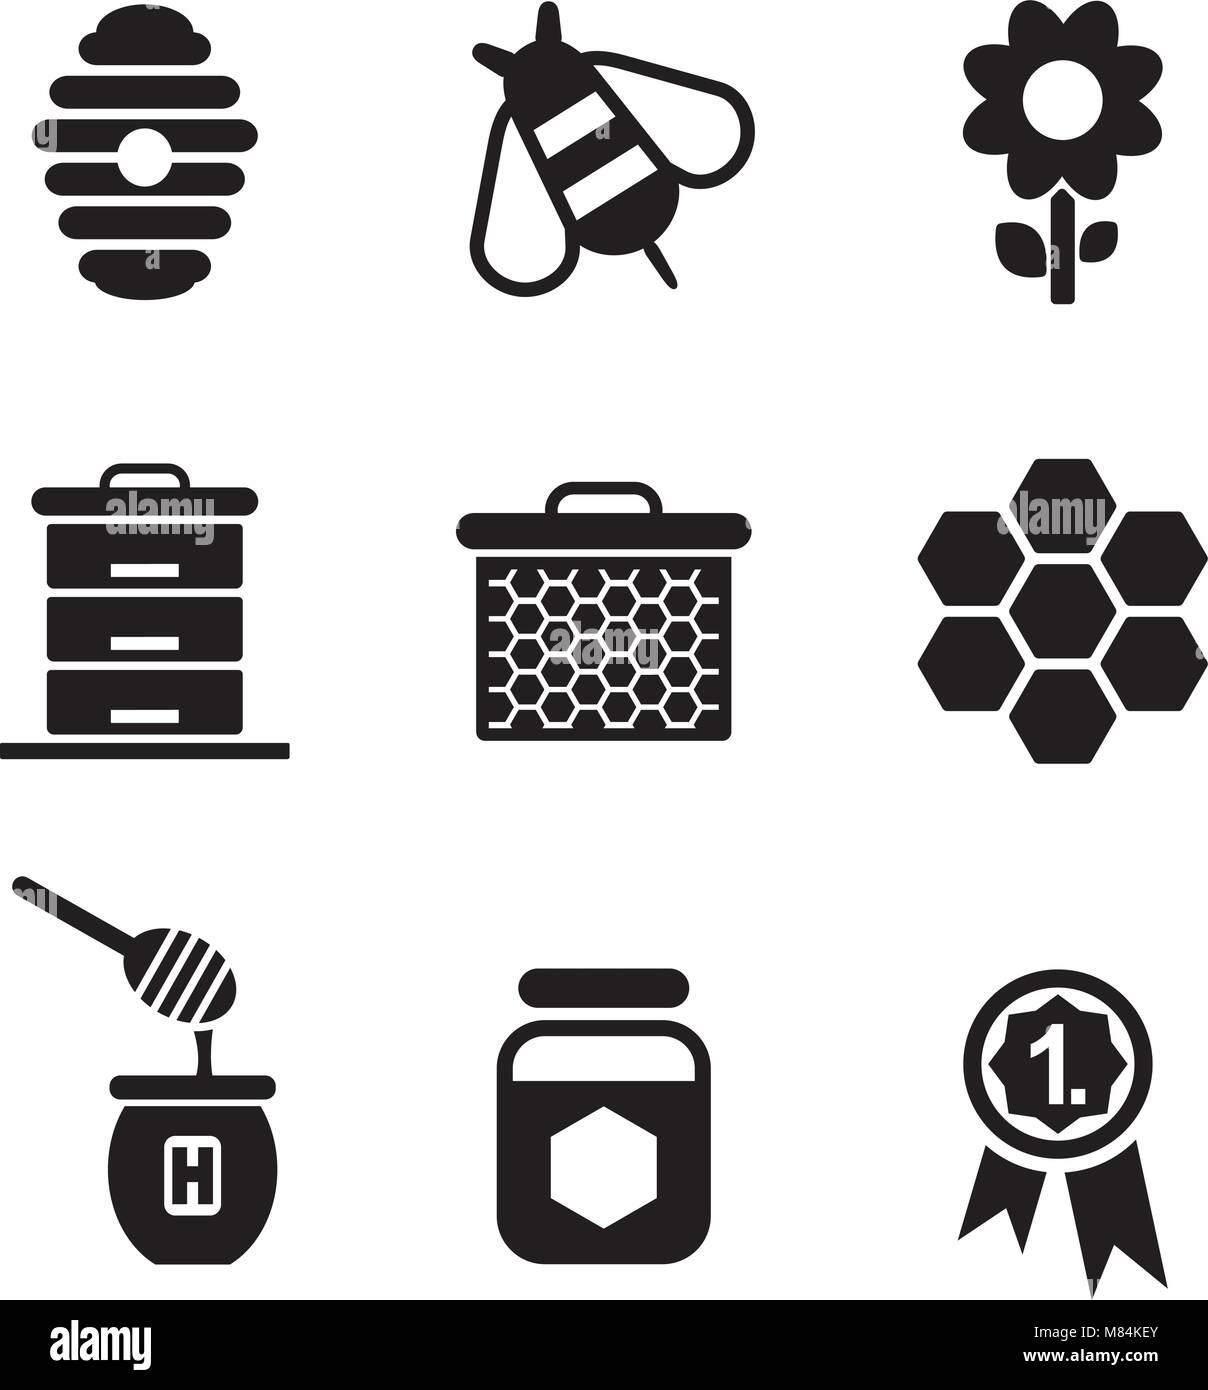 Honey Icons - Stock Vector